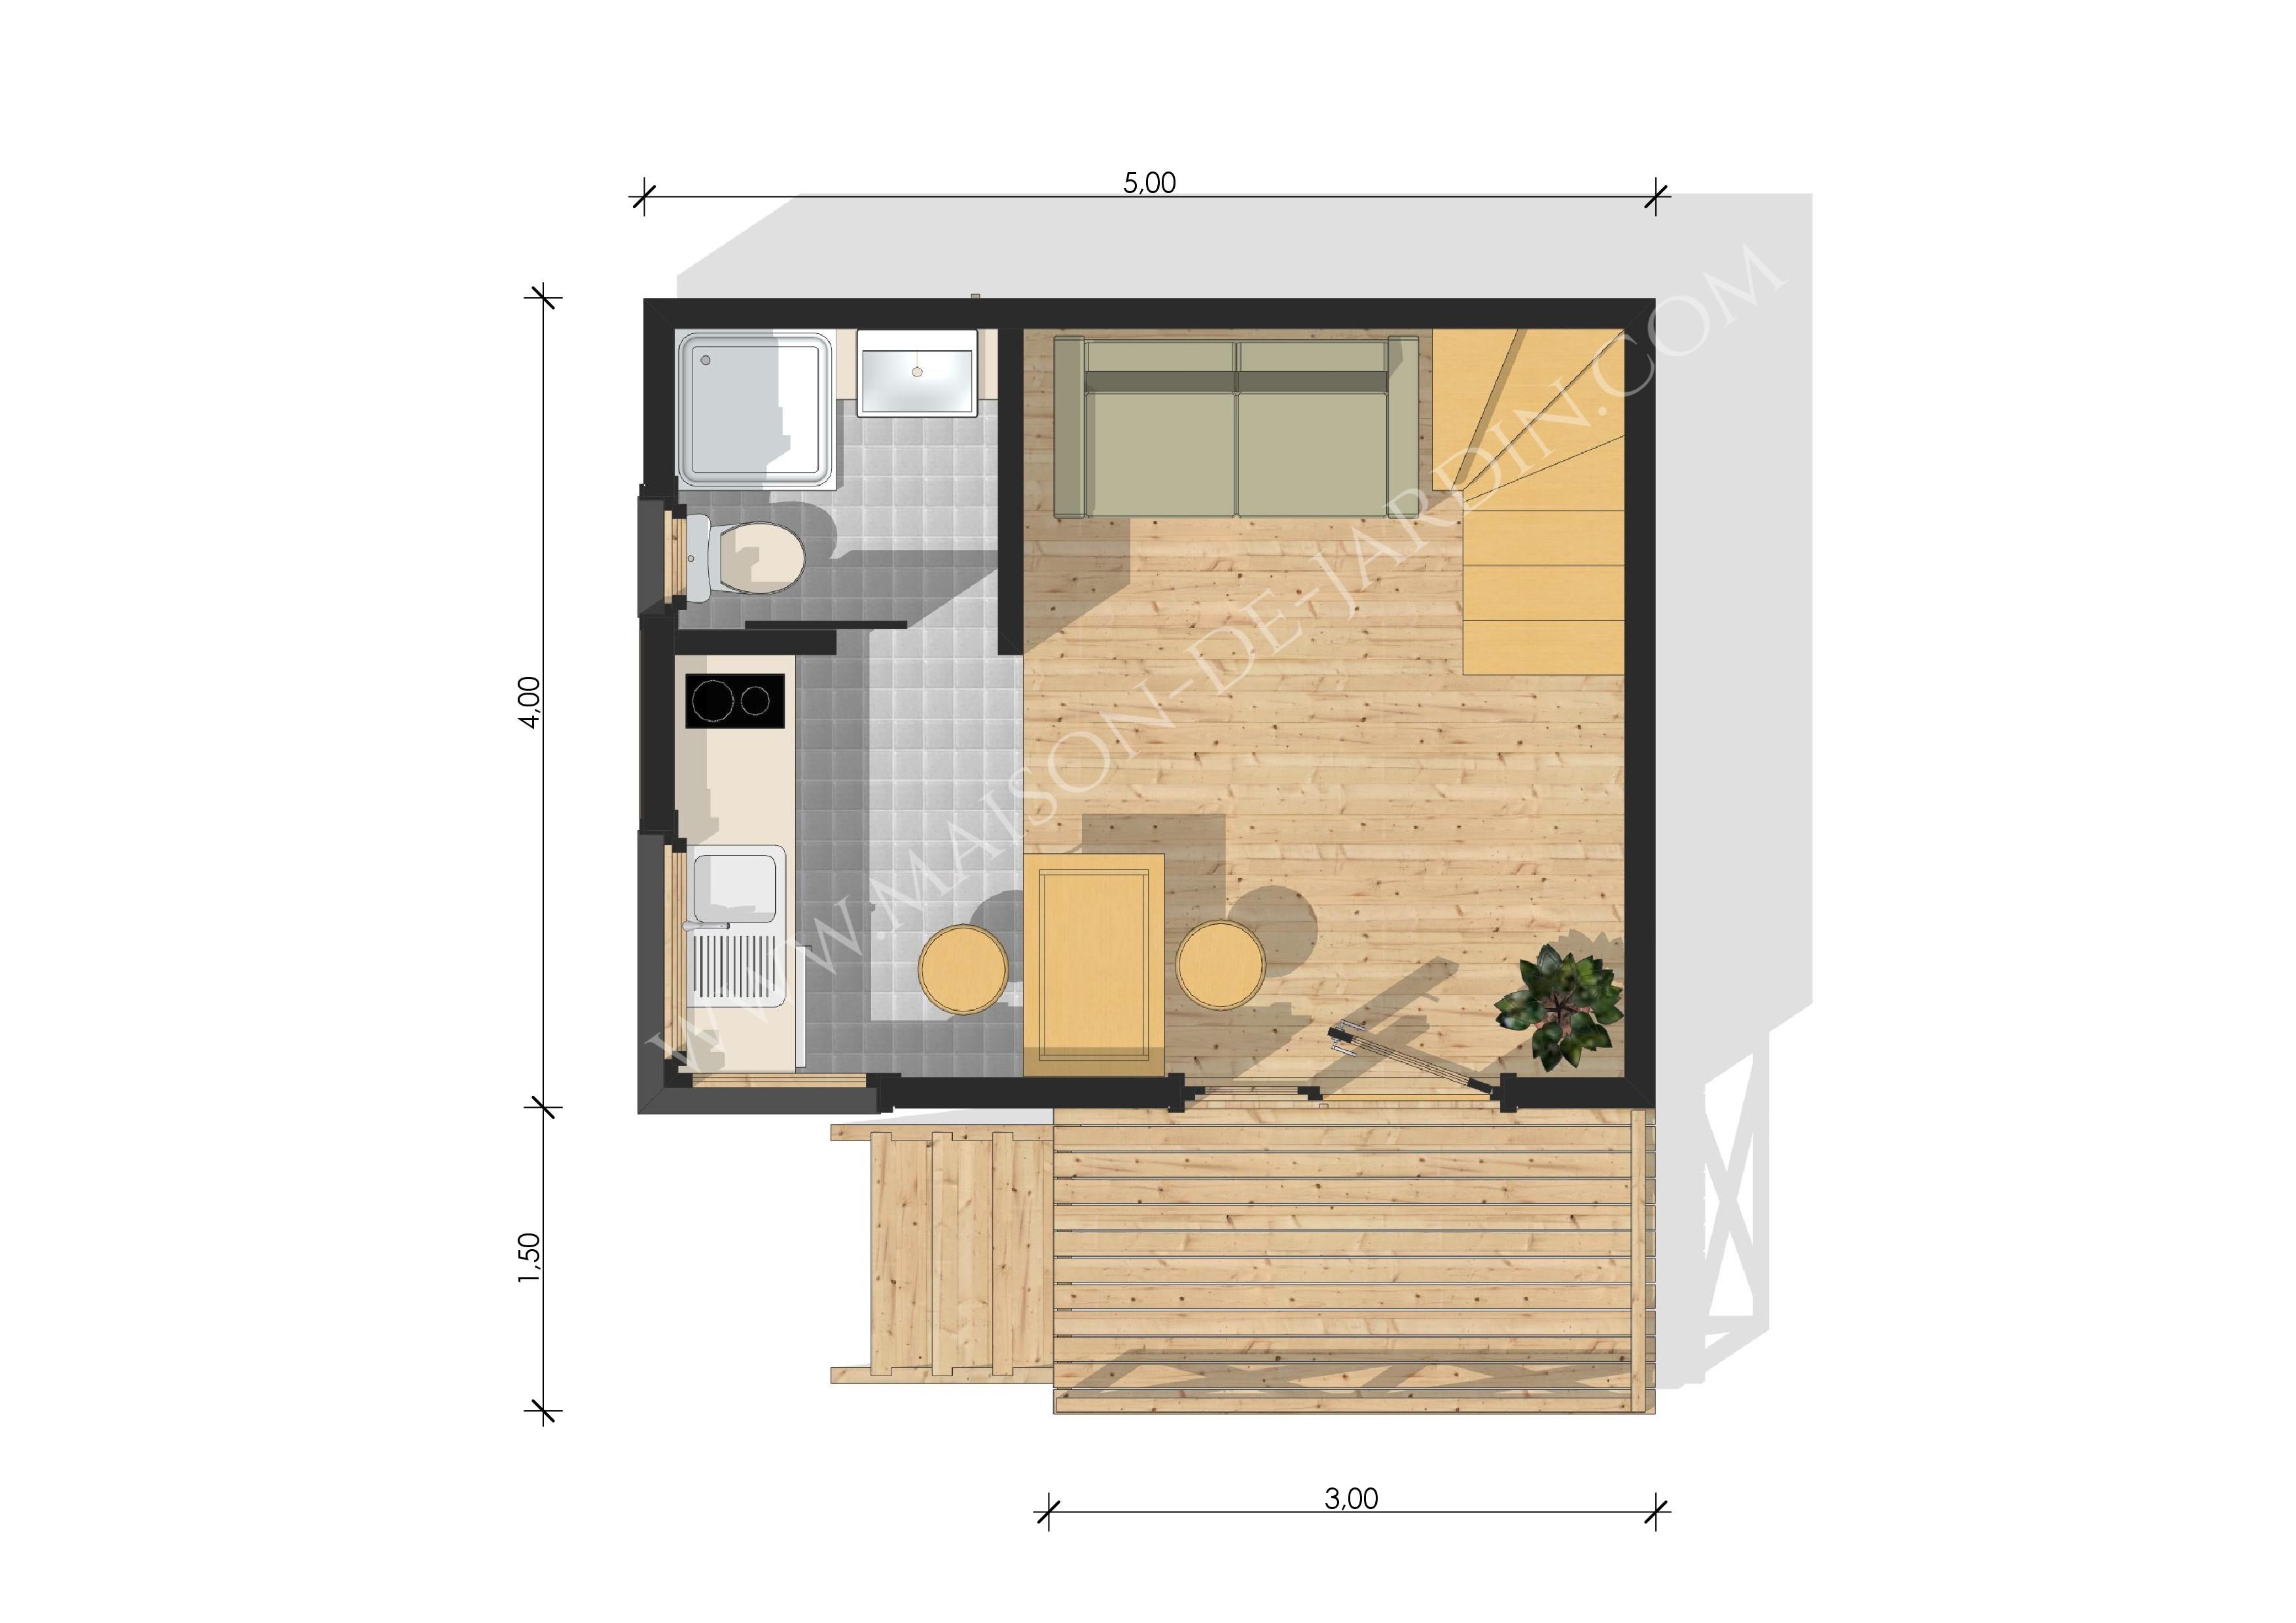 Studio de jardin avec ossature bois nanterre 37 m 29900 for Studio de jardin habitable